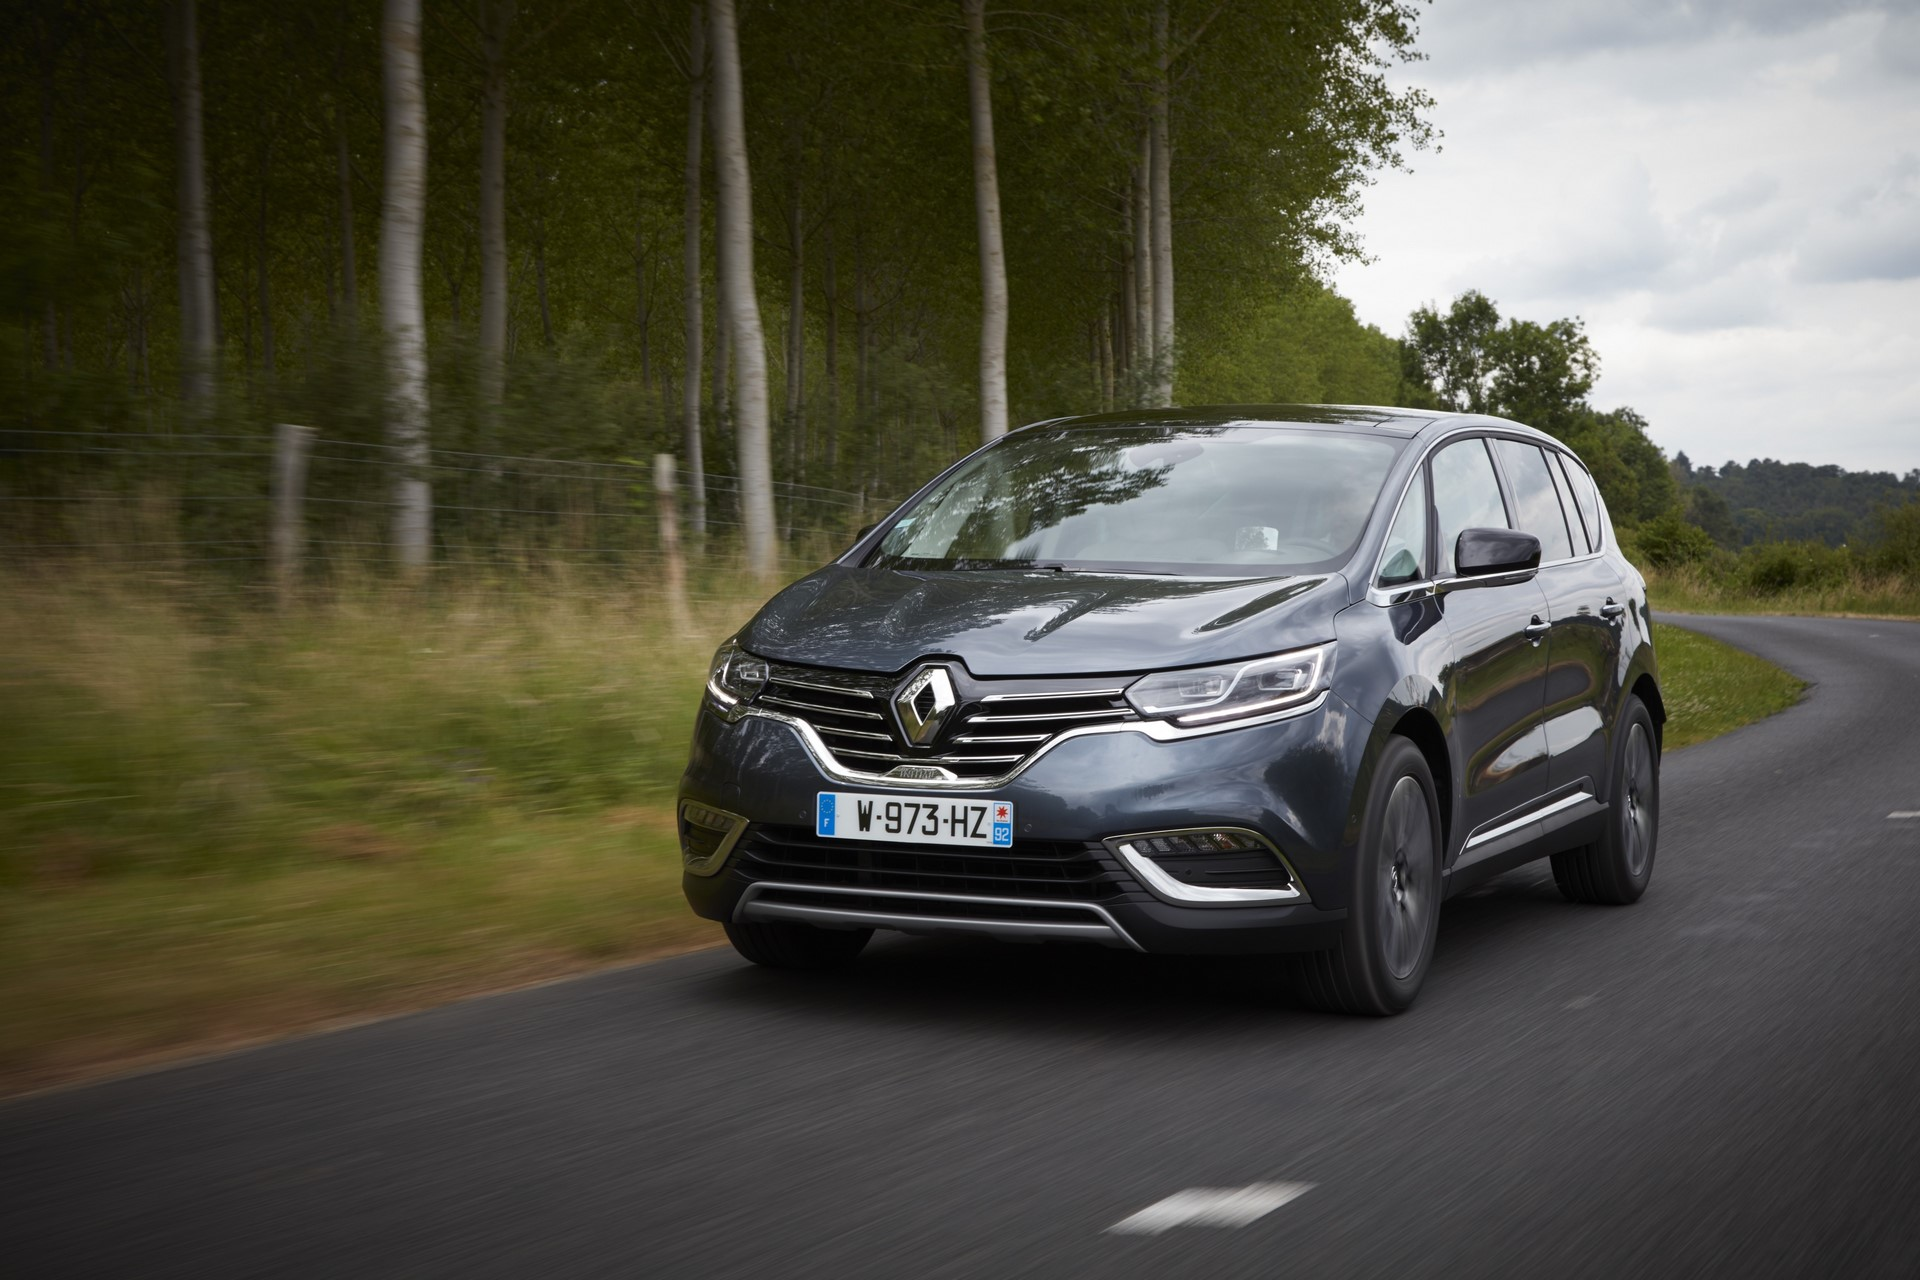 Renault_93209_global_en